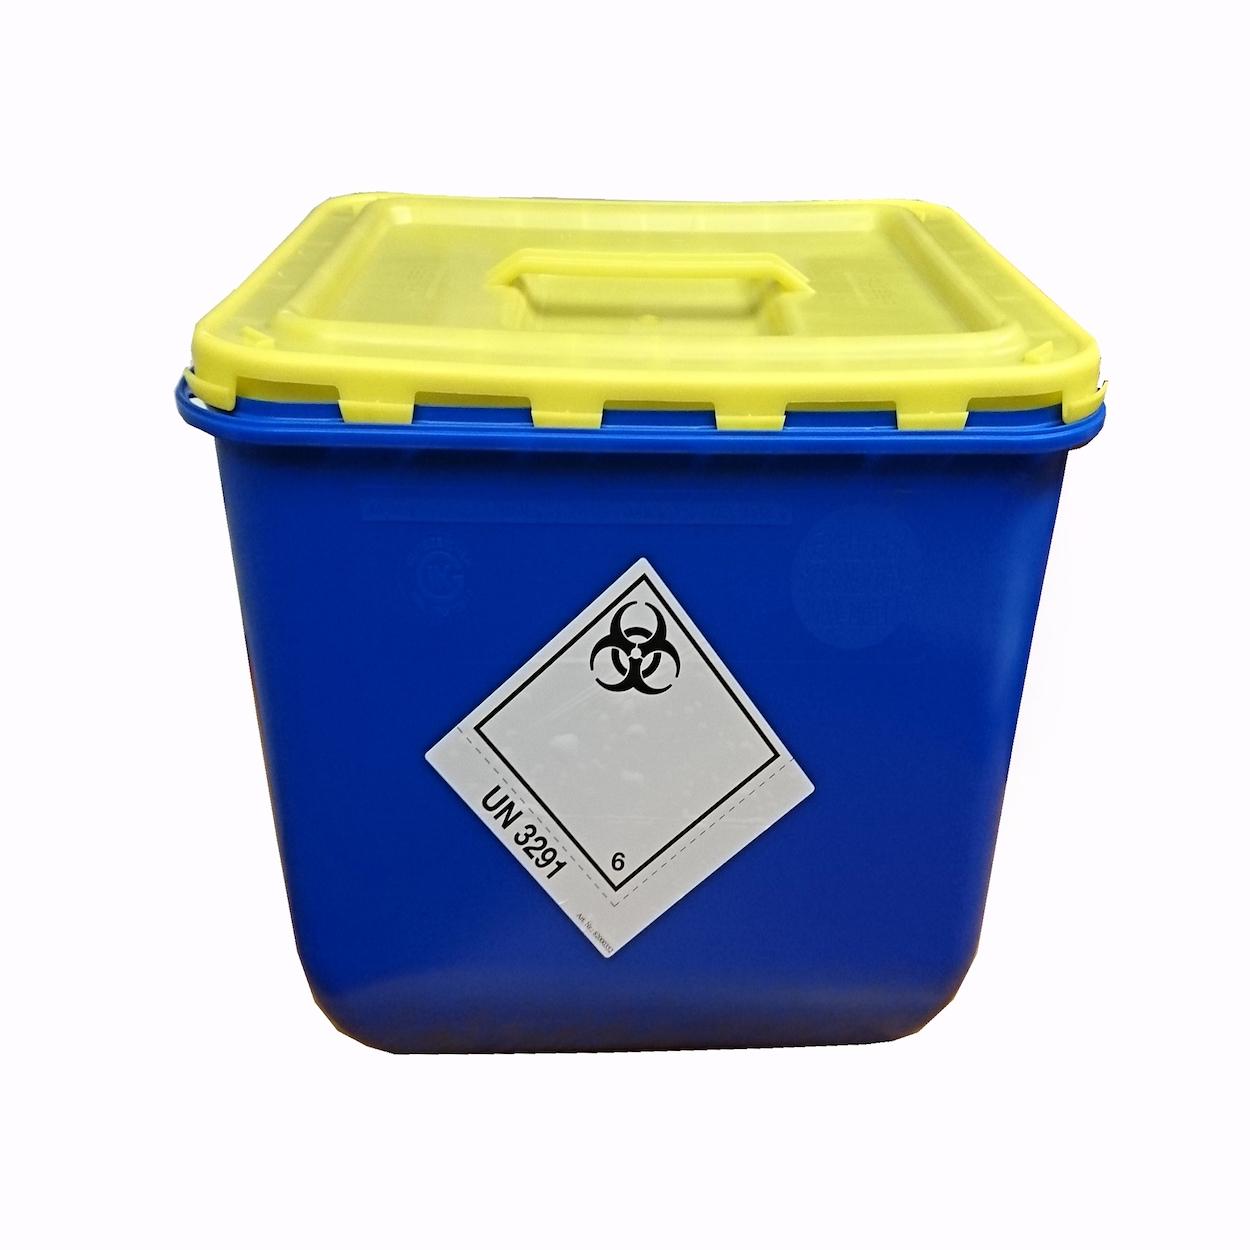 Box s vekom s úchopom na zber biologického odpadu - 30 l